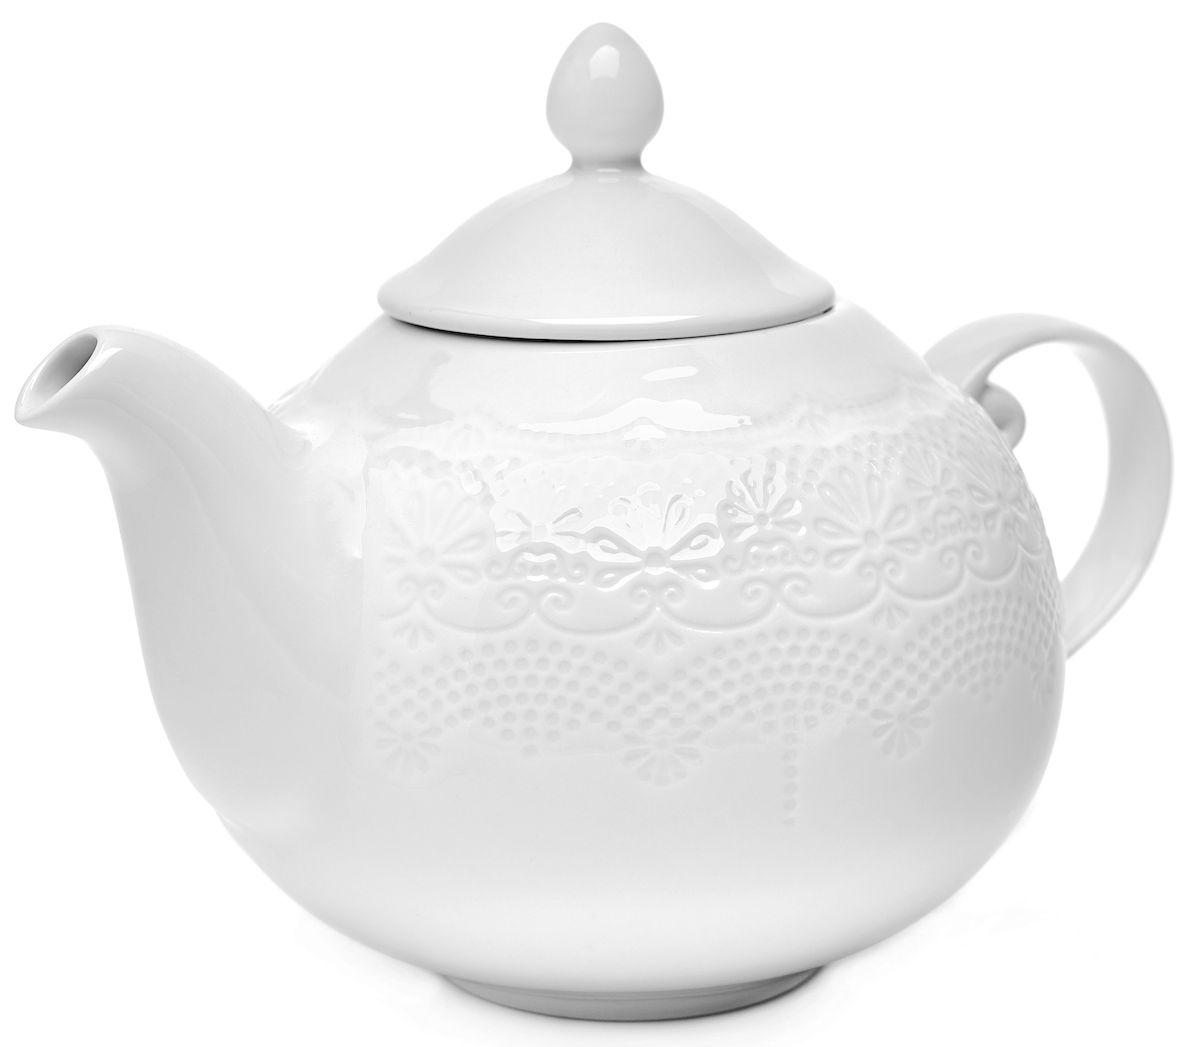 """Заварочный чайник Walmer """"Emily"""" изготовлен извысококачественного фарфора. Изделие прекрасно подходит для заваривания вкусного и ароматного чая,травяных настоев. Оригинальный дизайн сделает чайник настоящим украшением стола. Онудобен в использовании и понравится каждому.Высота чайника (без учета крышки): 14,5 см."""